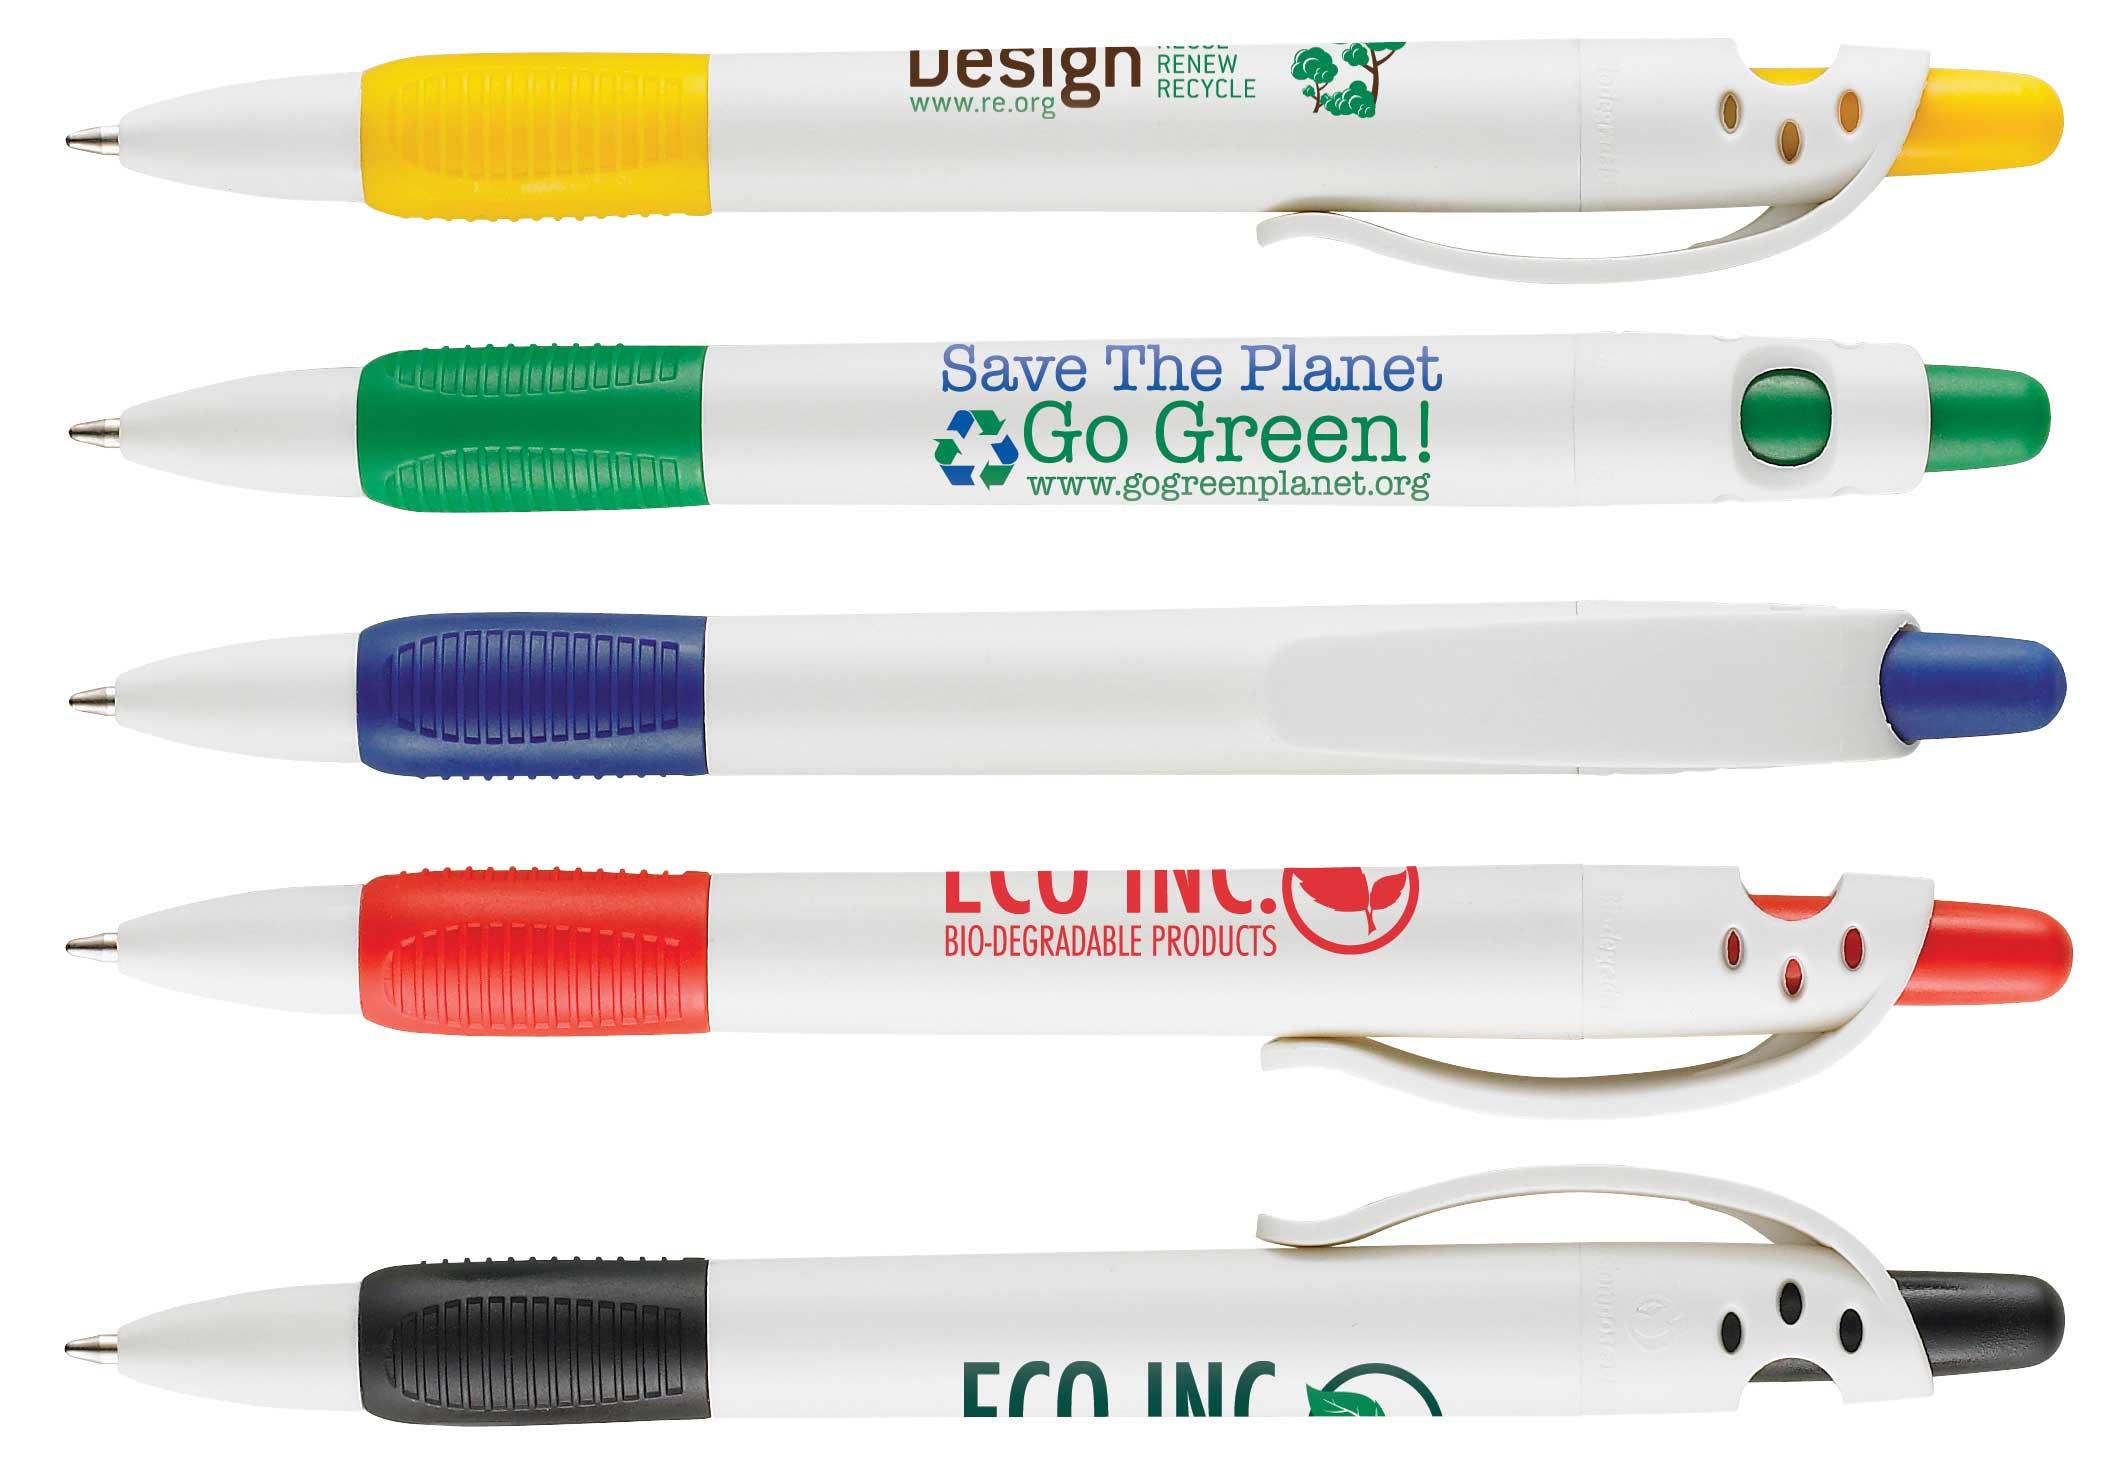 pens | Adventures in Green Marketing